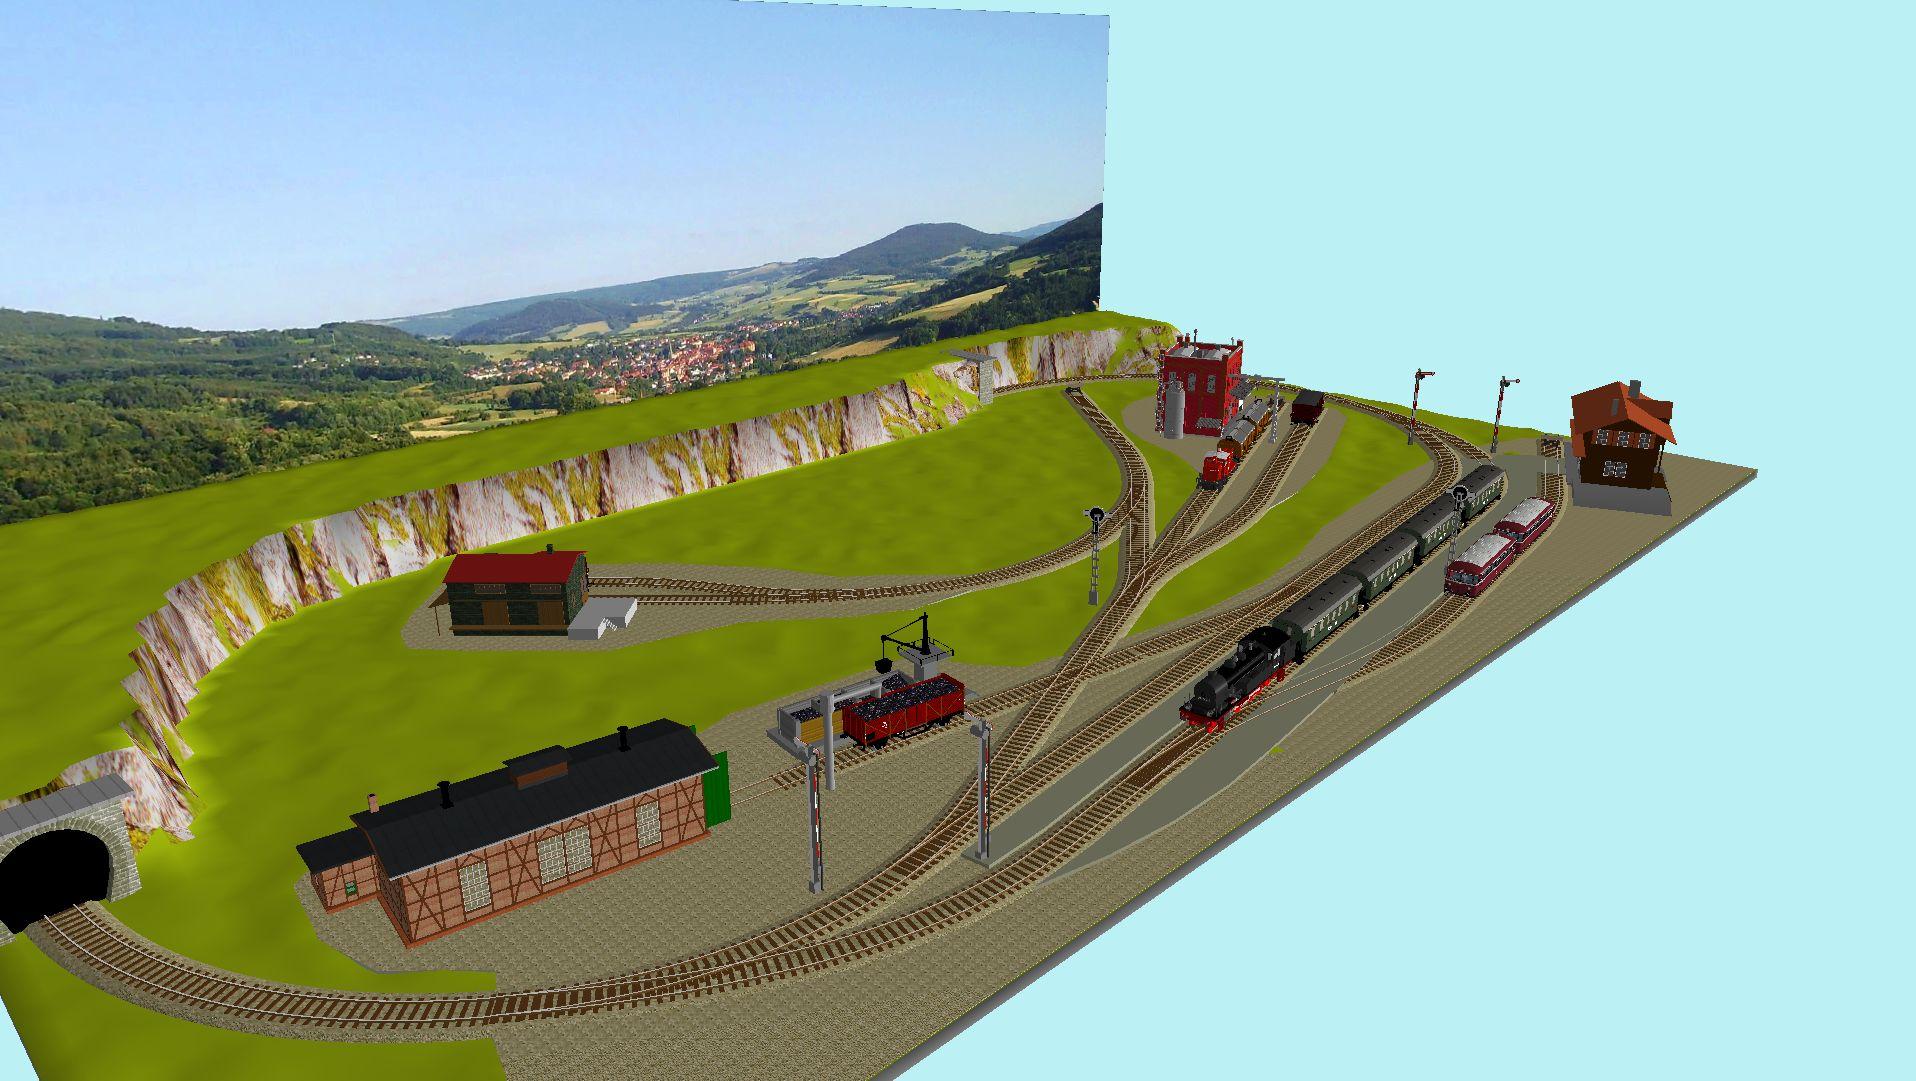 'ALBA Modellbahnpraxis' Band 1, Plan 5 Amp-1_5_02ak24